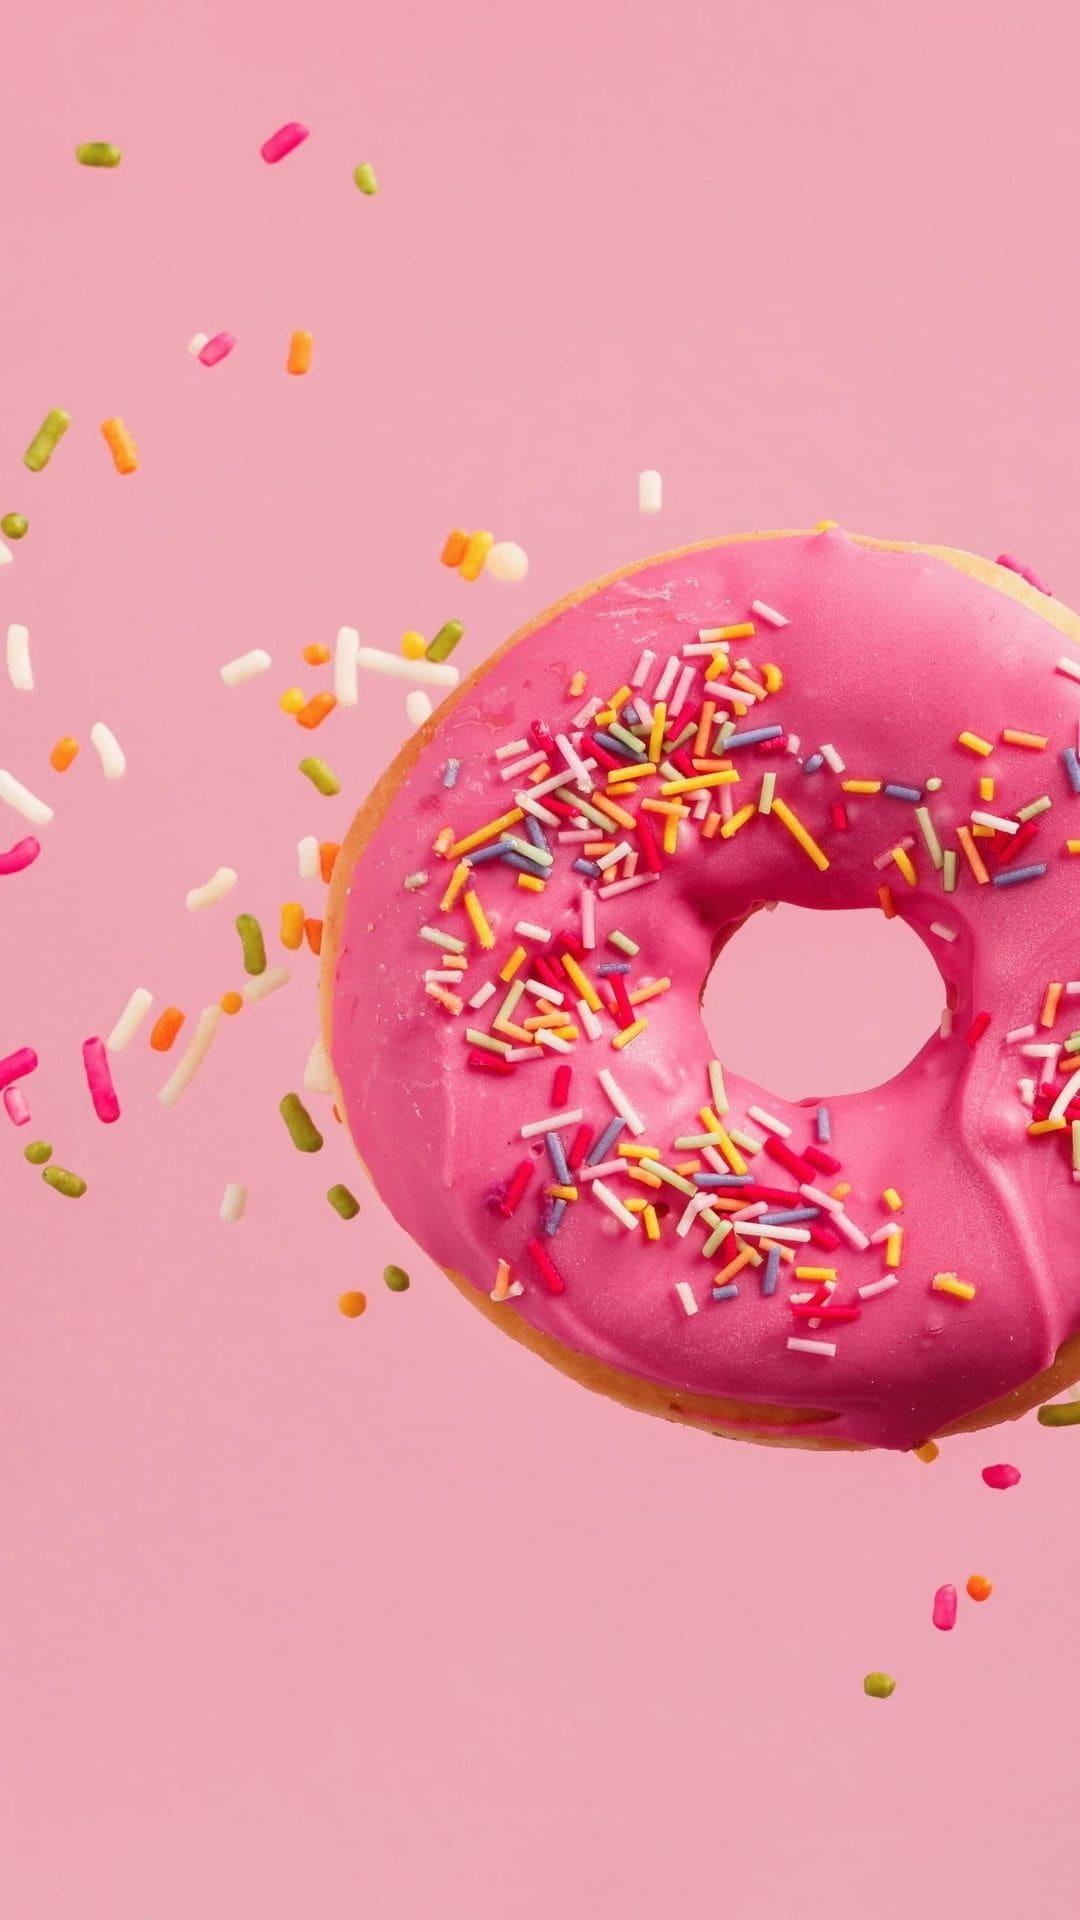 Roze donut met gekleurde sprinkles erop en errond